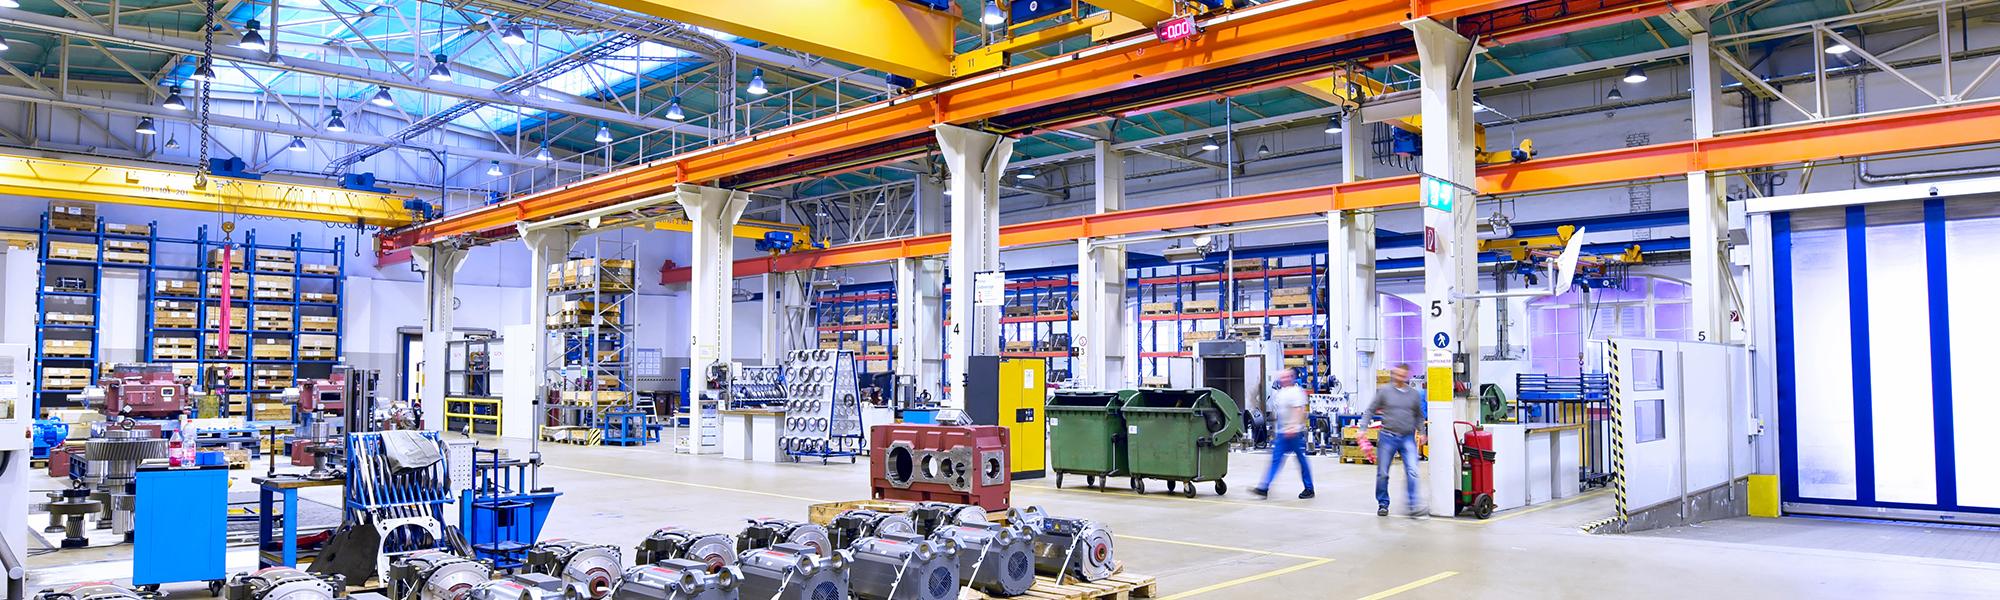 Personalvermittlung Maschinenbau